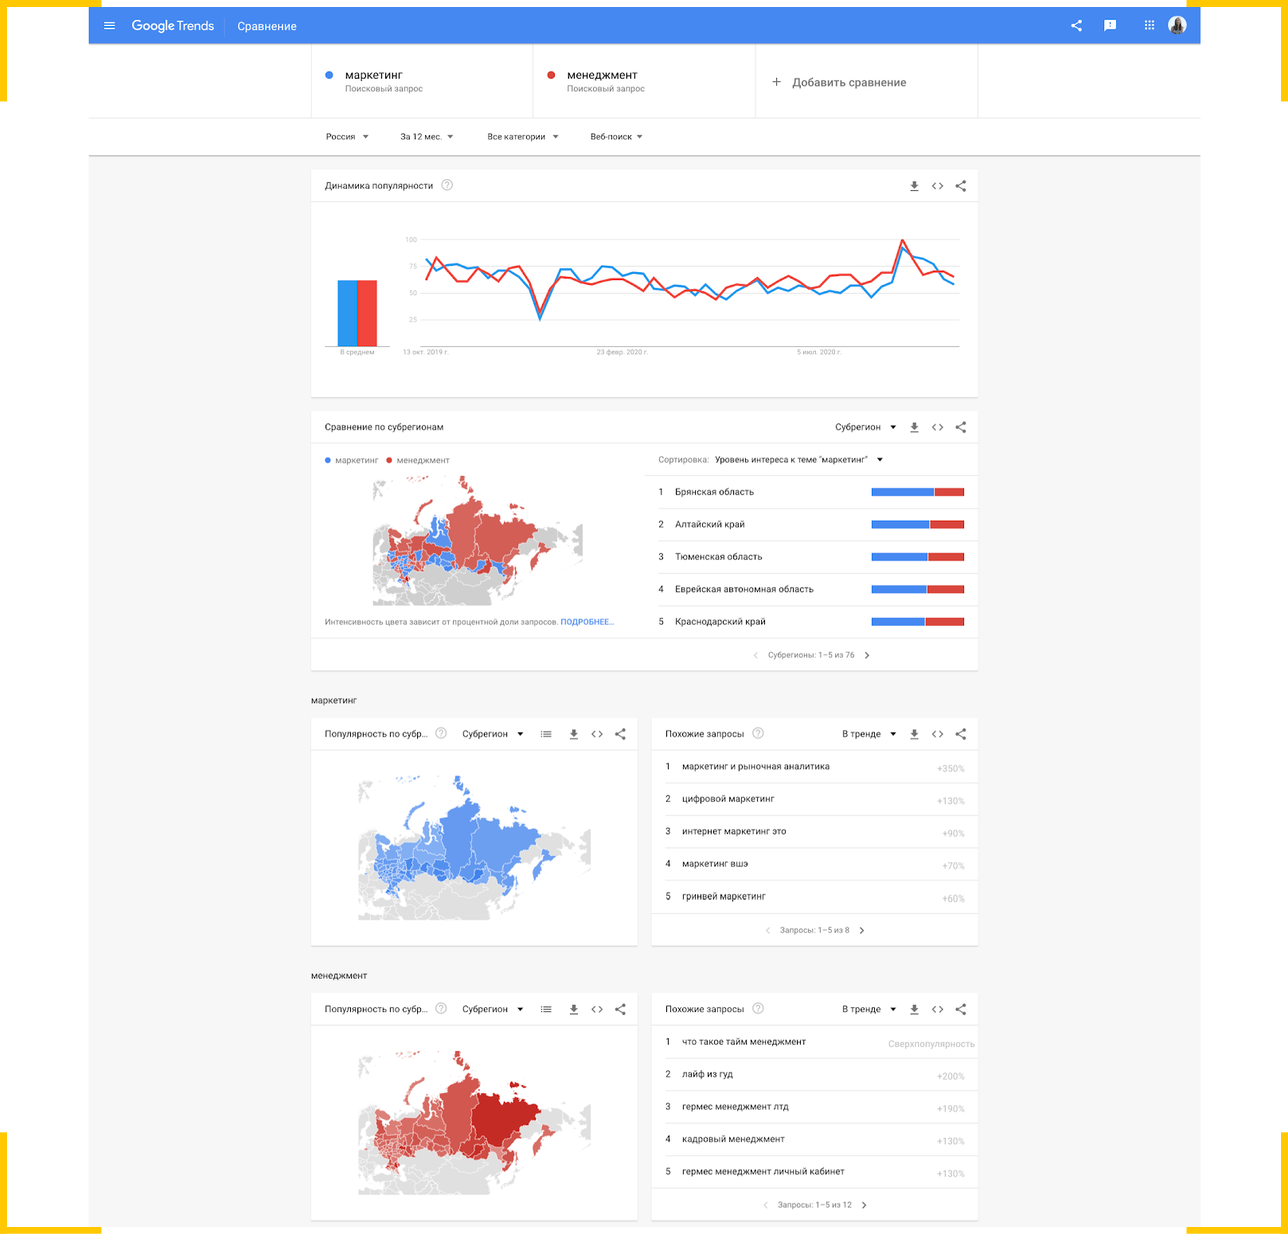 В Google Trends вы можете сравнить несколько ключевых слов и увидеть, в каких регионах было больше запросов